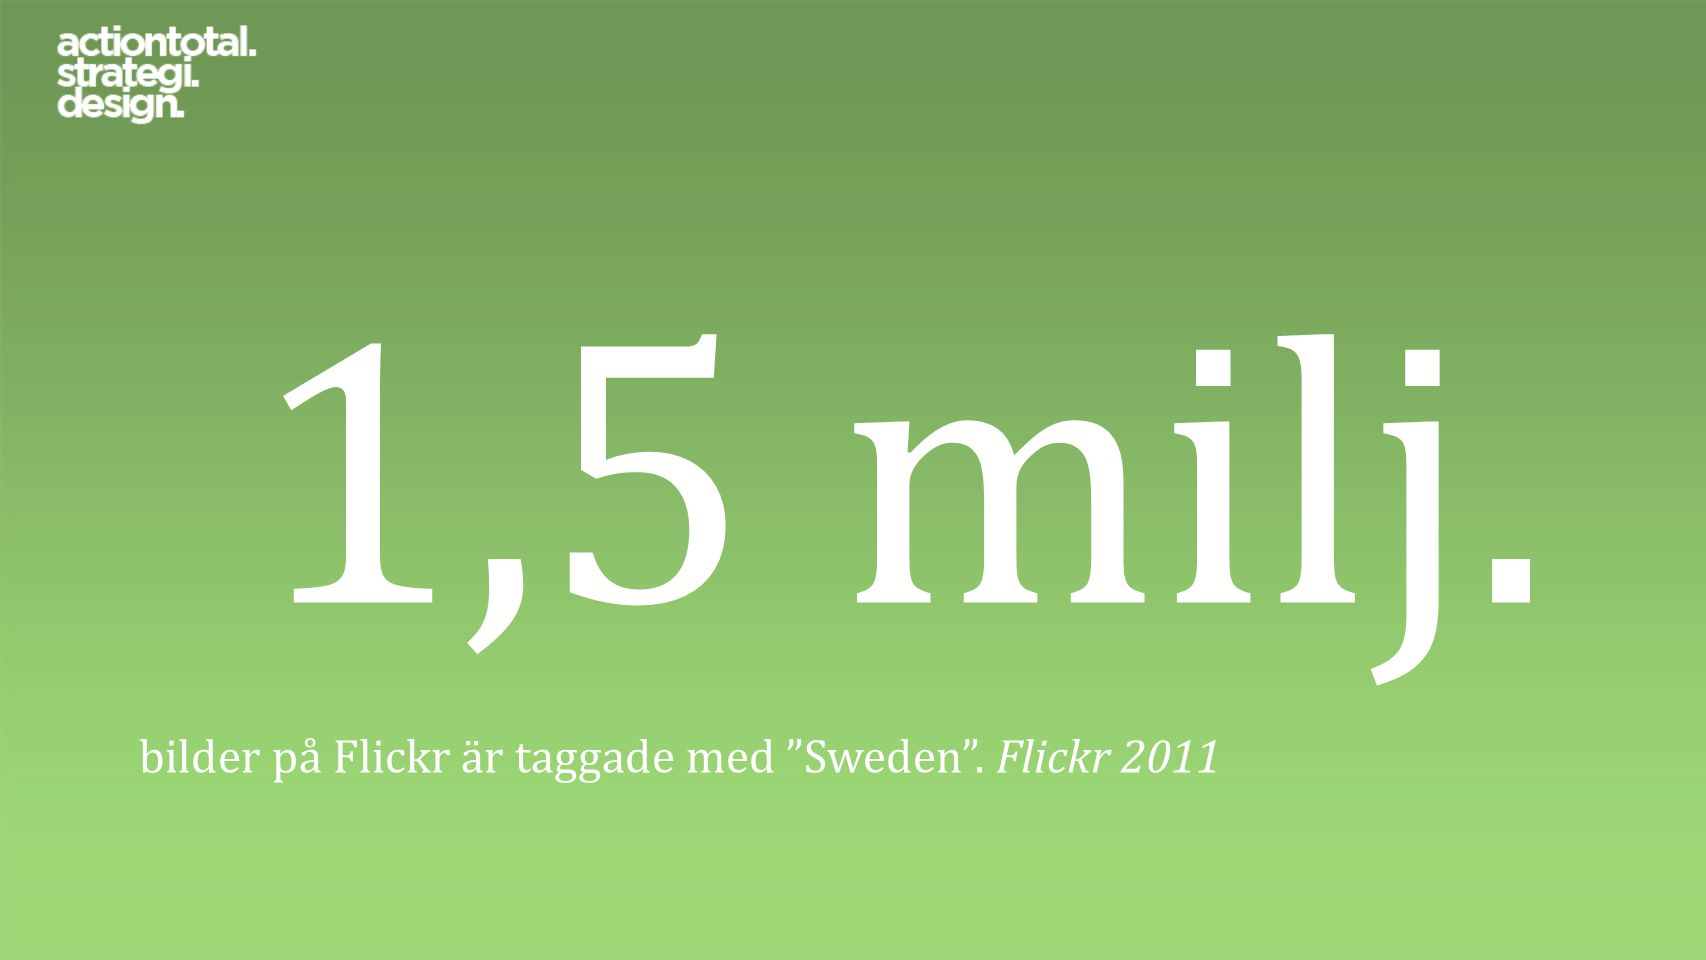 """1,5 milj. bilder på Flickr är taggade med """"Sweden"""". Flickr 2011"""